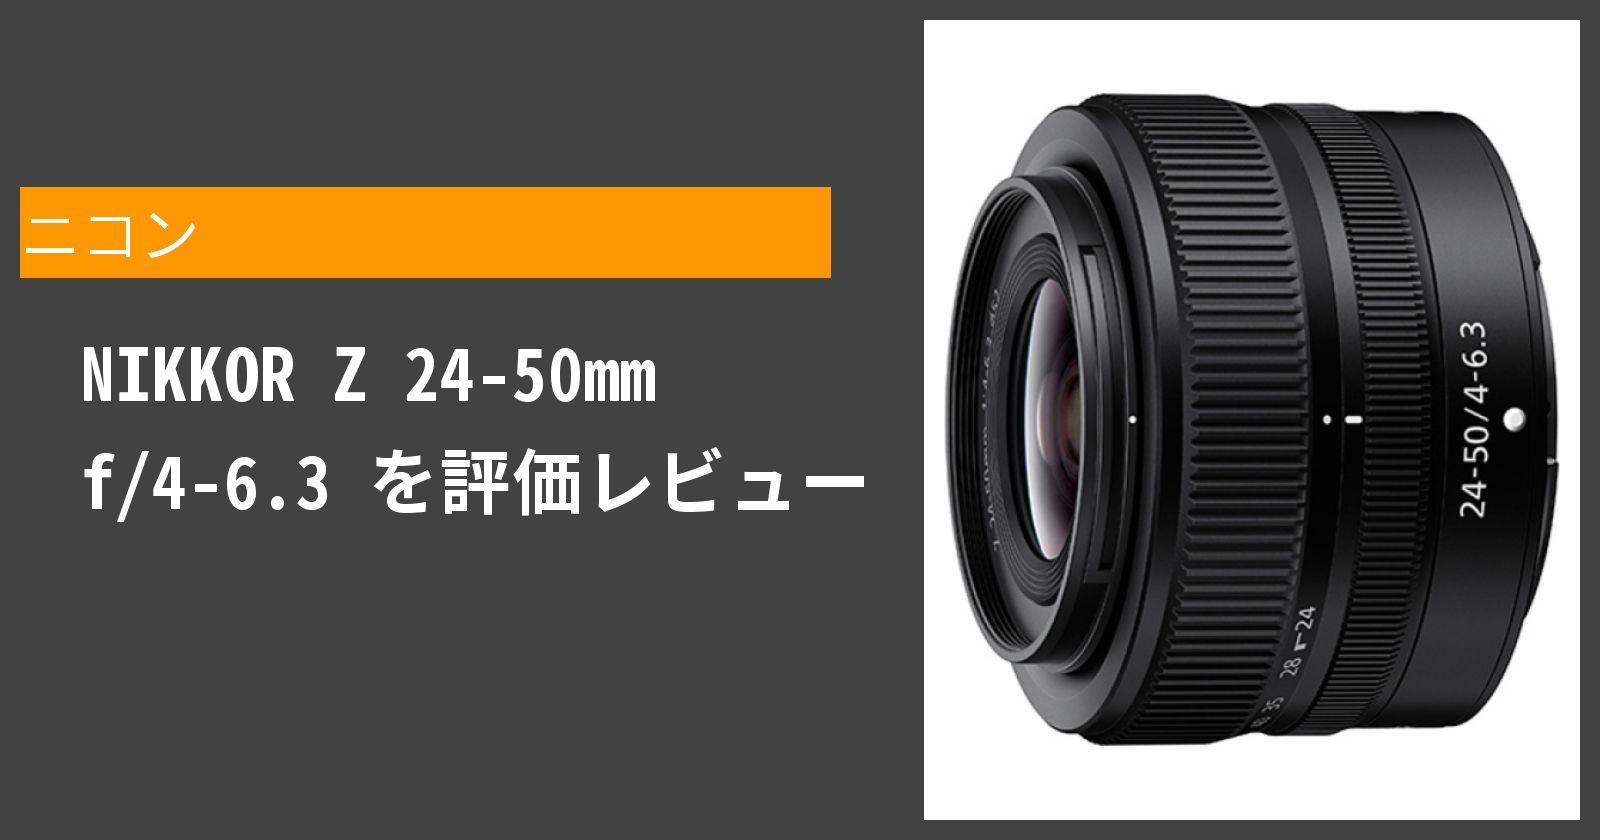 NIKKOR Z 24-50mm f/4-6.3を徹底評価